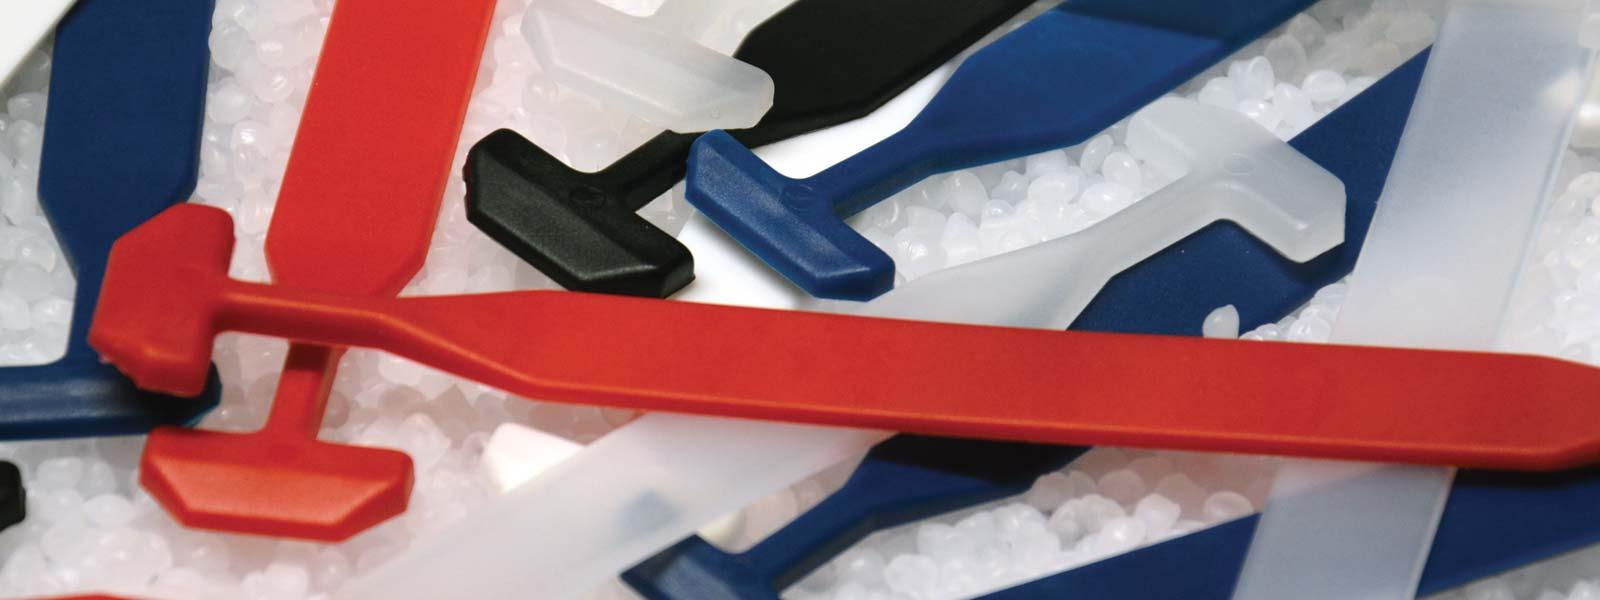 maniglie plastica plasticitt